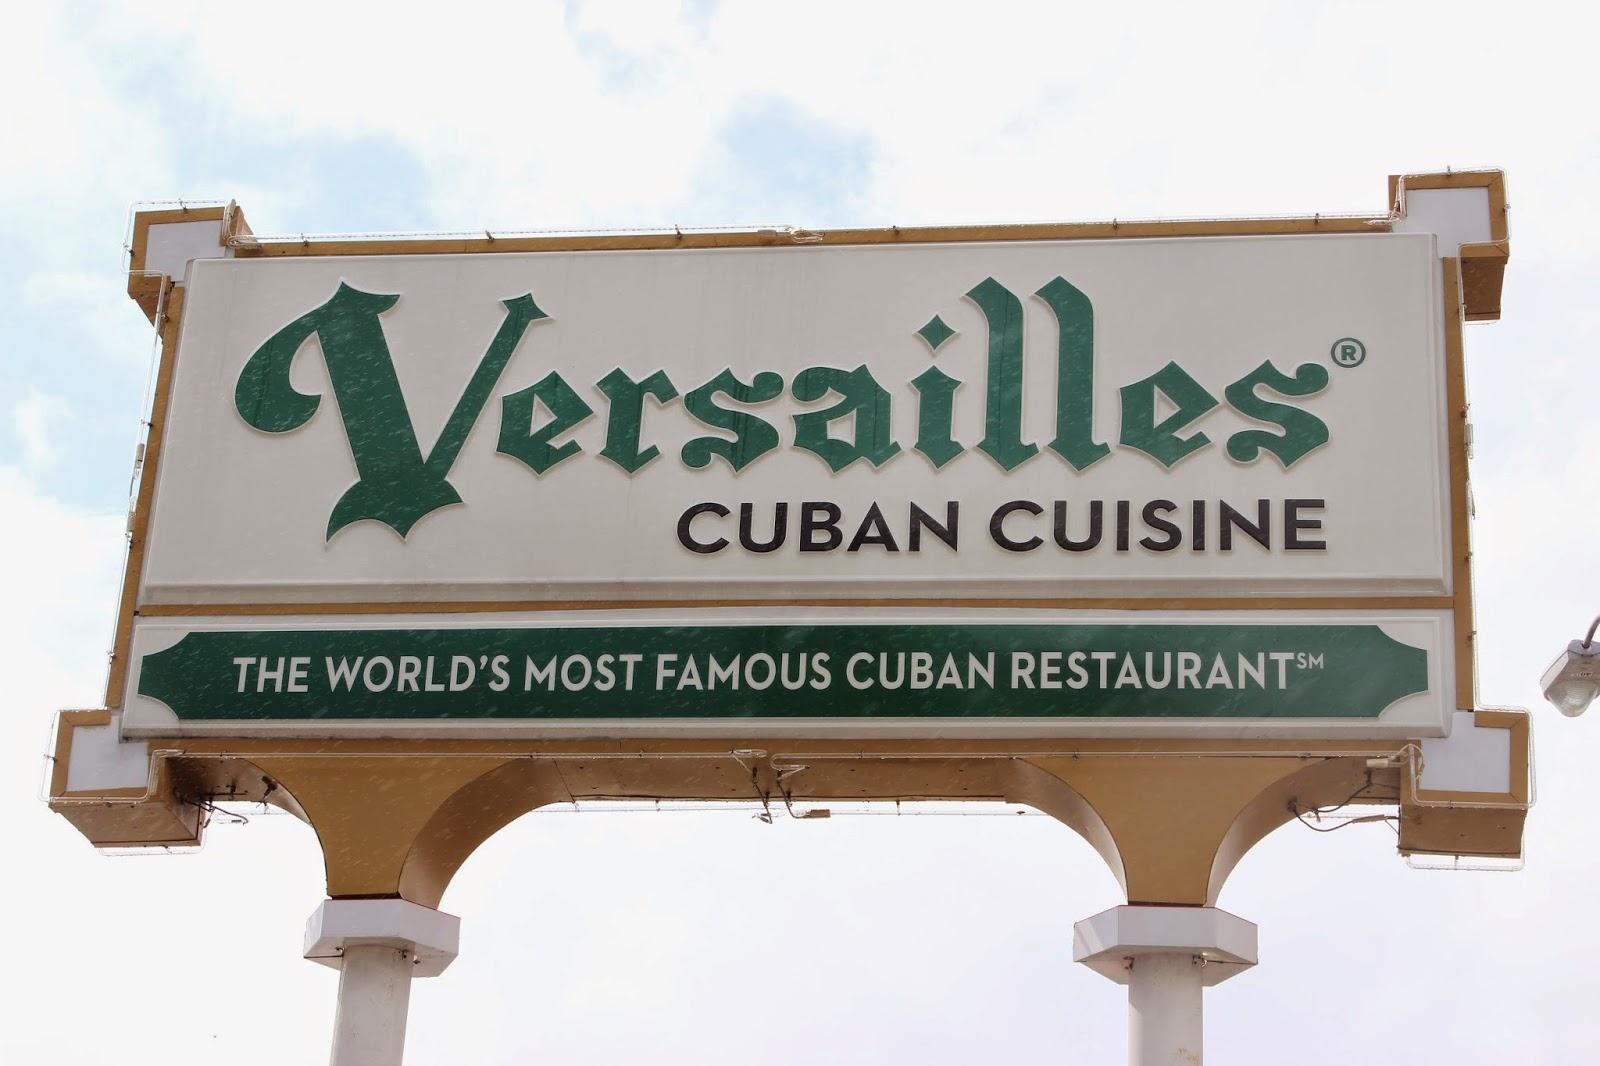 le versailles restaurant cubain